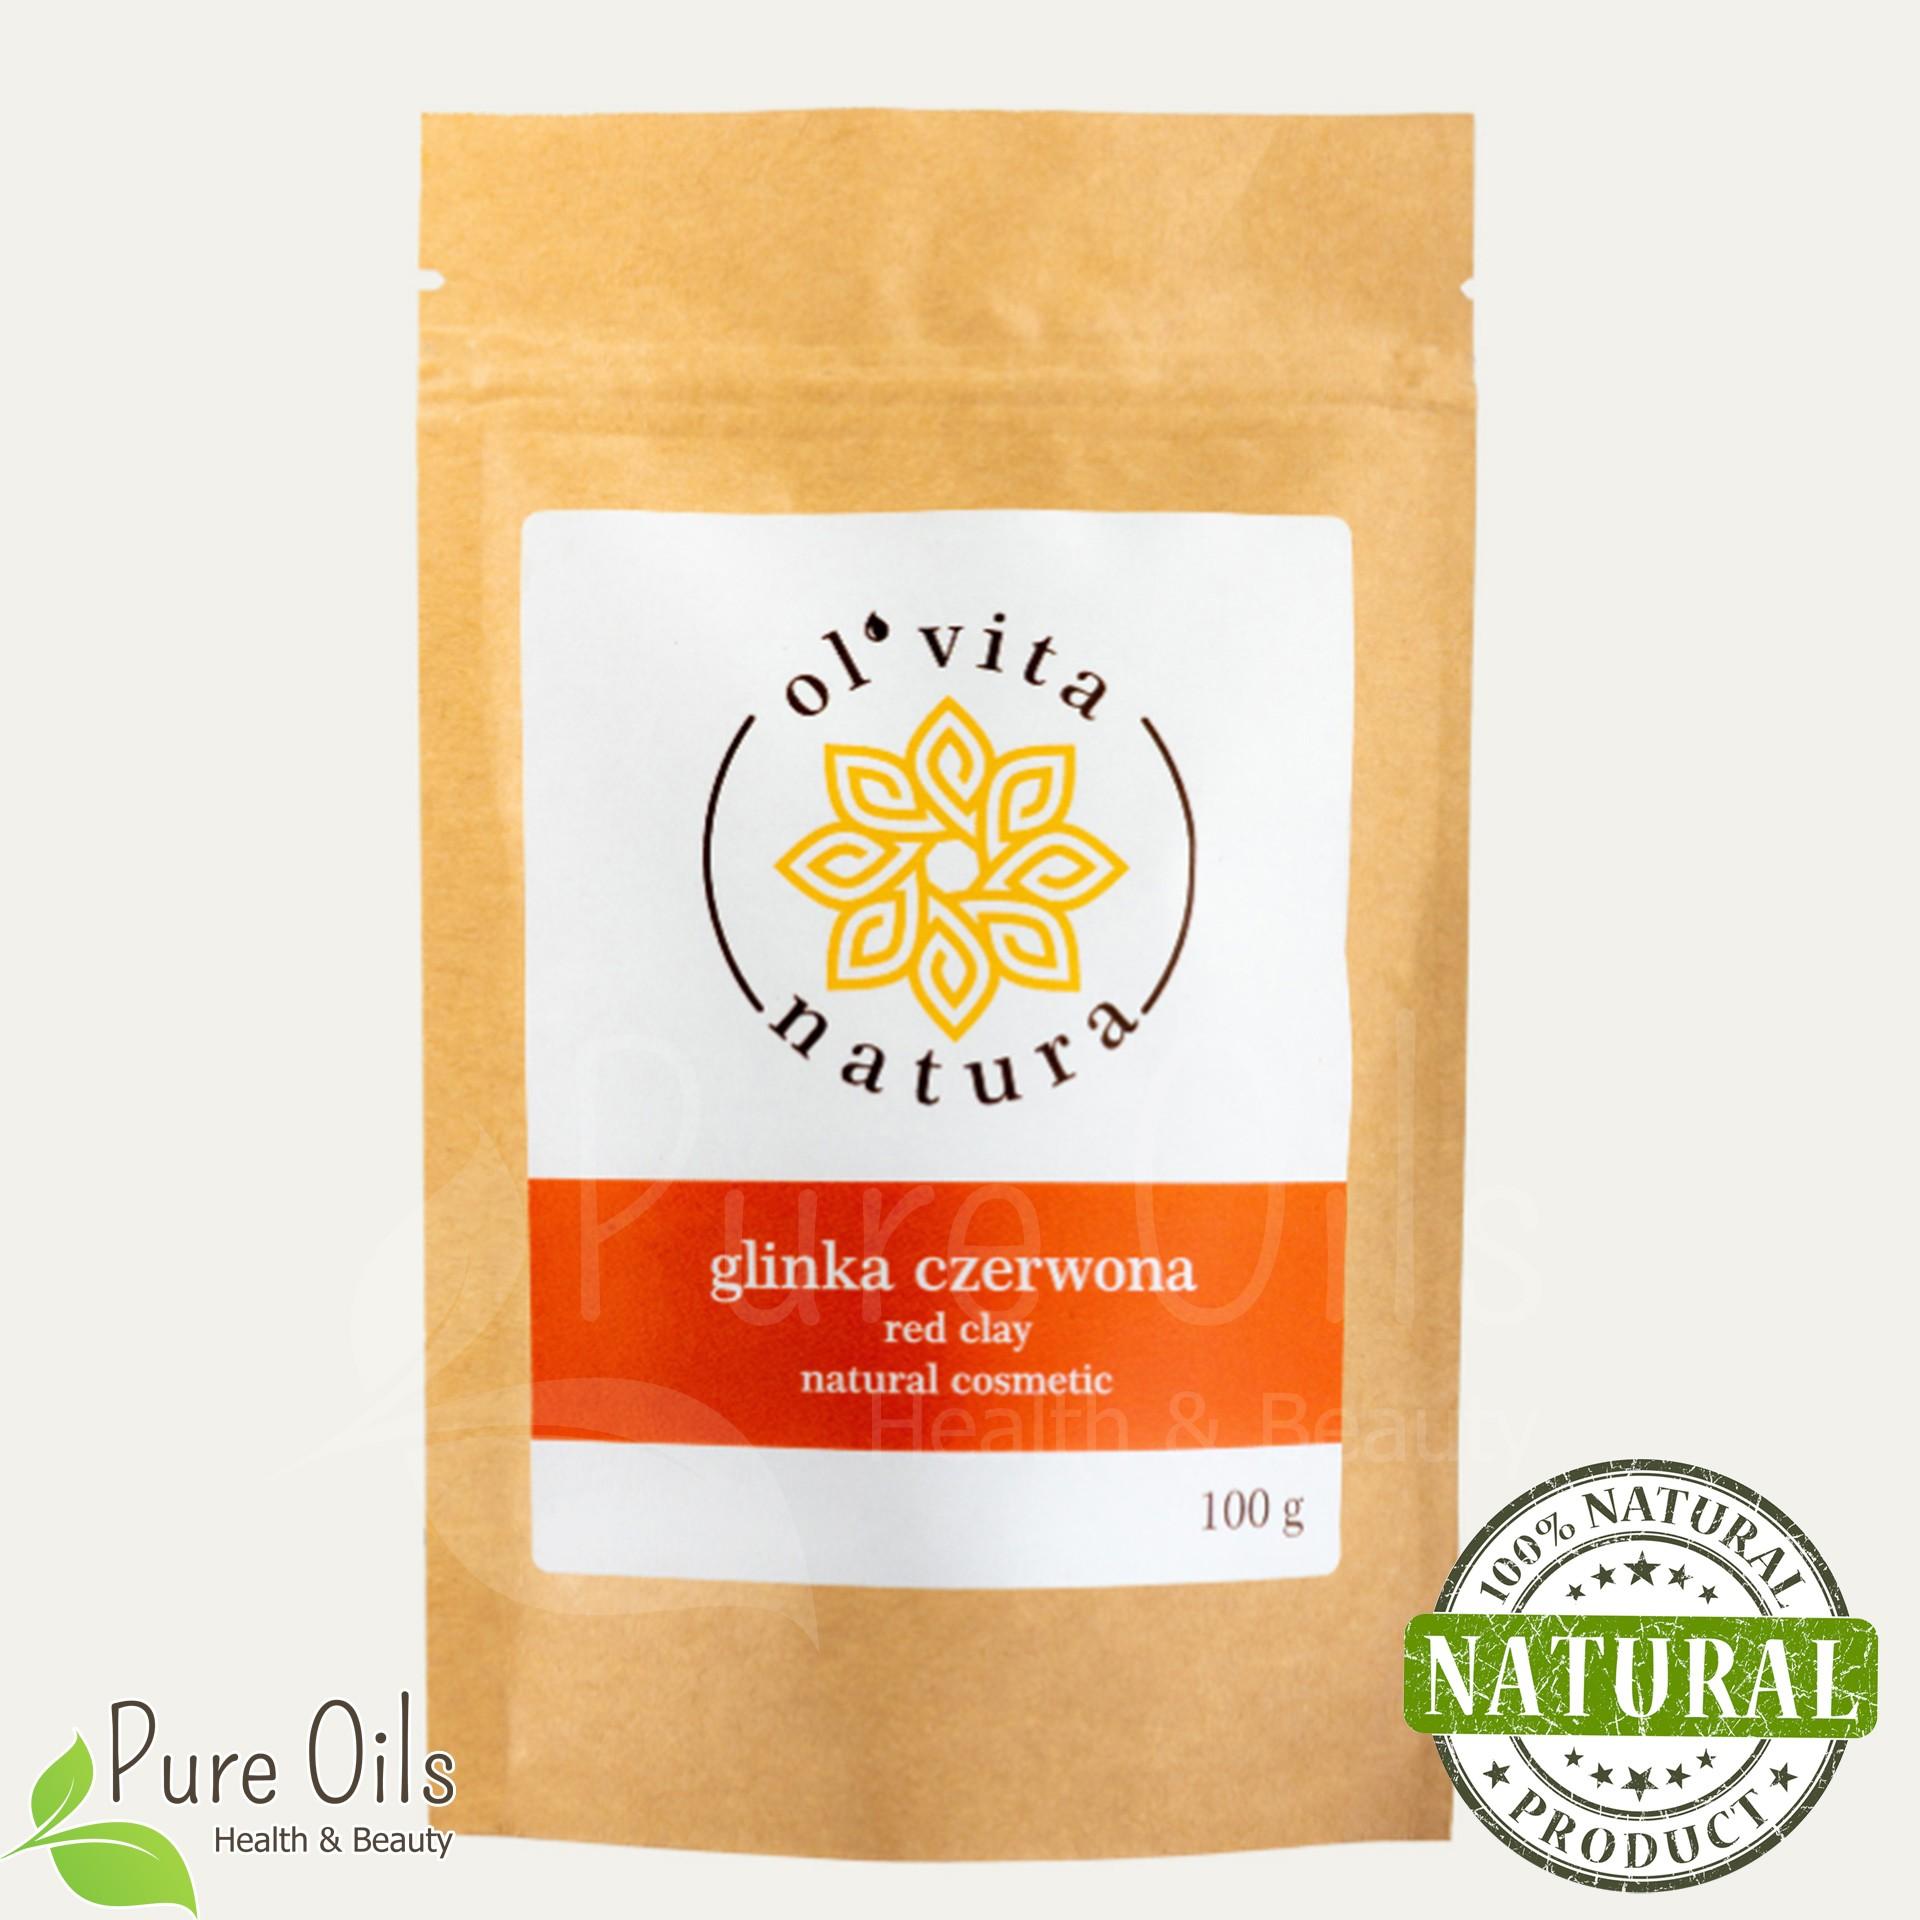 Glinka Czerwona - Naturalny kosmetyk organiczny, Ol'Vita...